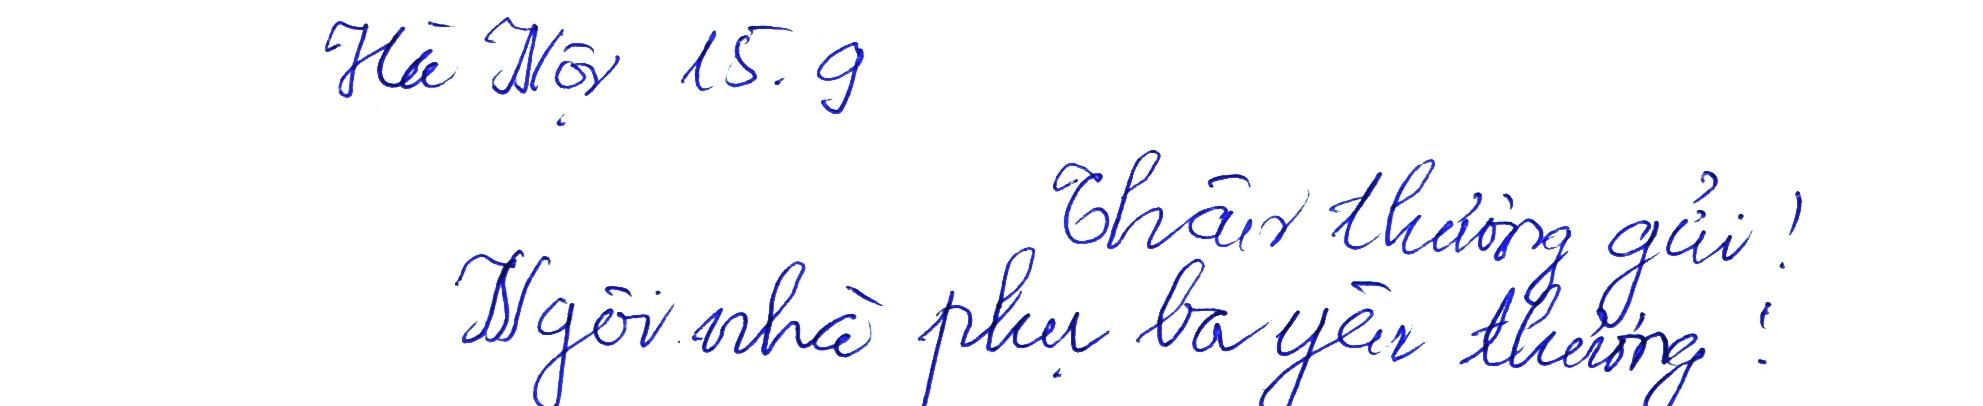 http://benhvienphusantrunguong.org.vn/stores/news_dataimages/vtkien/092020/21/16/croped/THU_CAM_ON_1_1.jpg